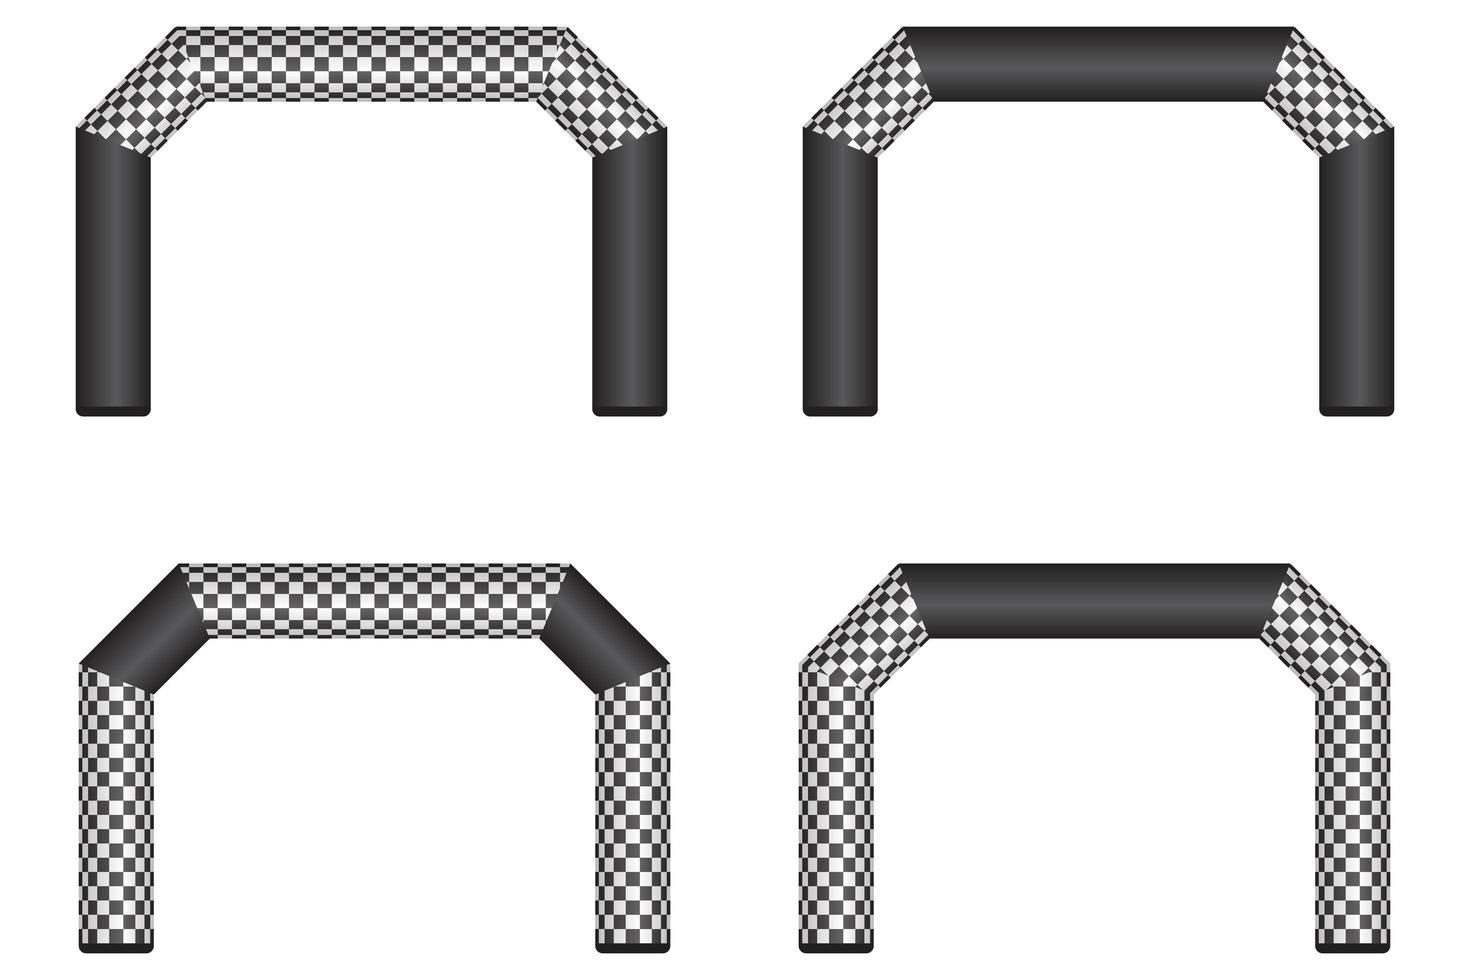 aufblasbare Ziellinie mit flachen Ecken vektor